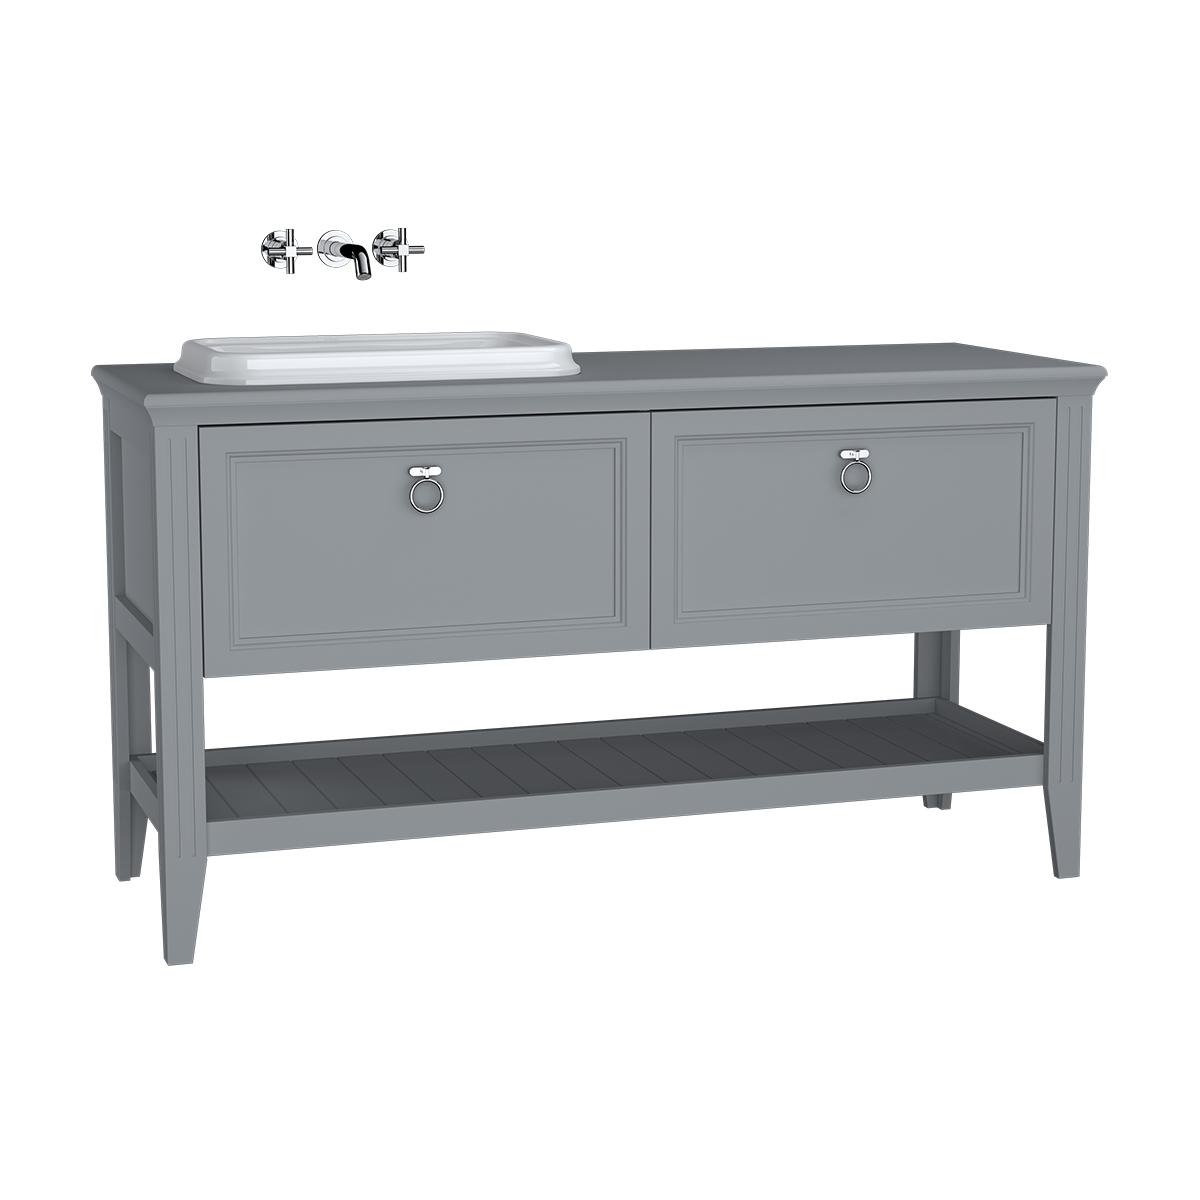 Valarte meuble sous vasque encastrée, vasque (gauche), 150 cm, tiroir, gris mat